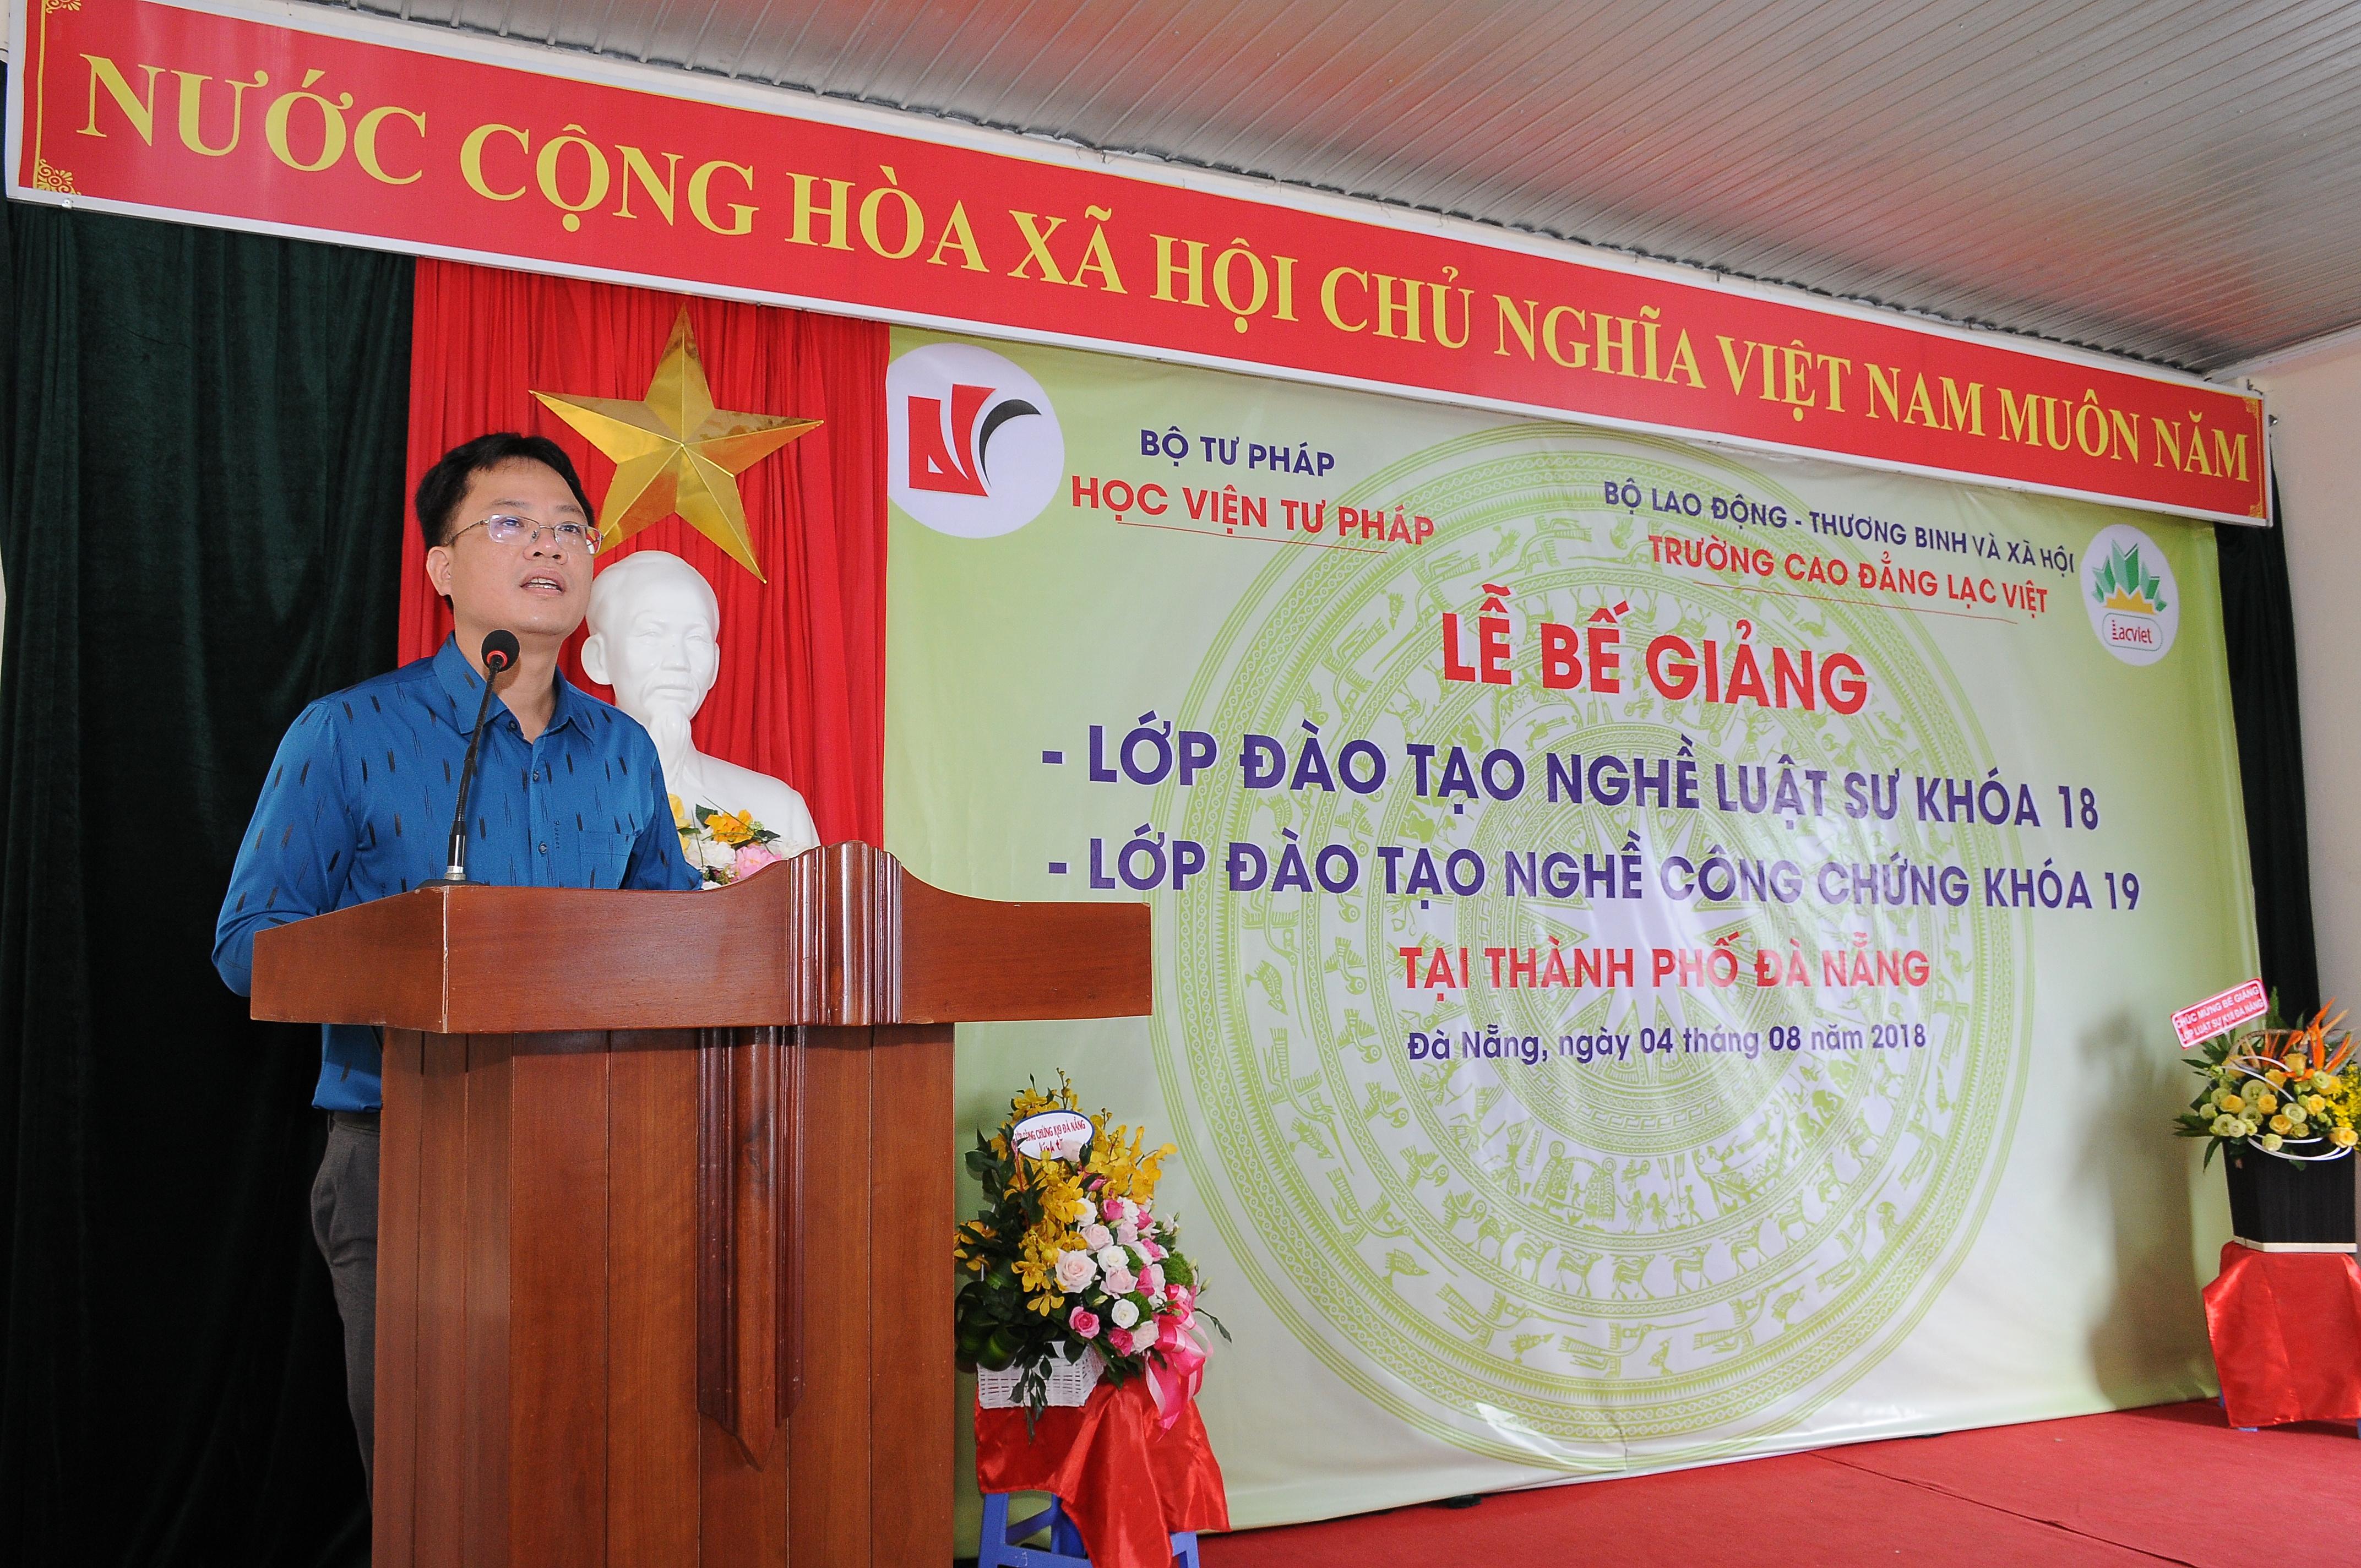 Bế giảng Lớp đào tạo nghề Luật sư khóa 18 và nghề Công chứng khoá 19 tại thành phố Đà Nẵng